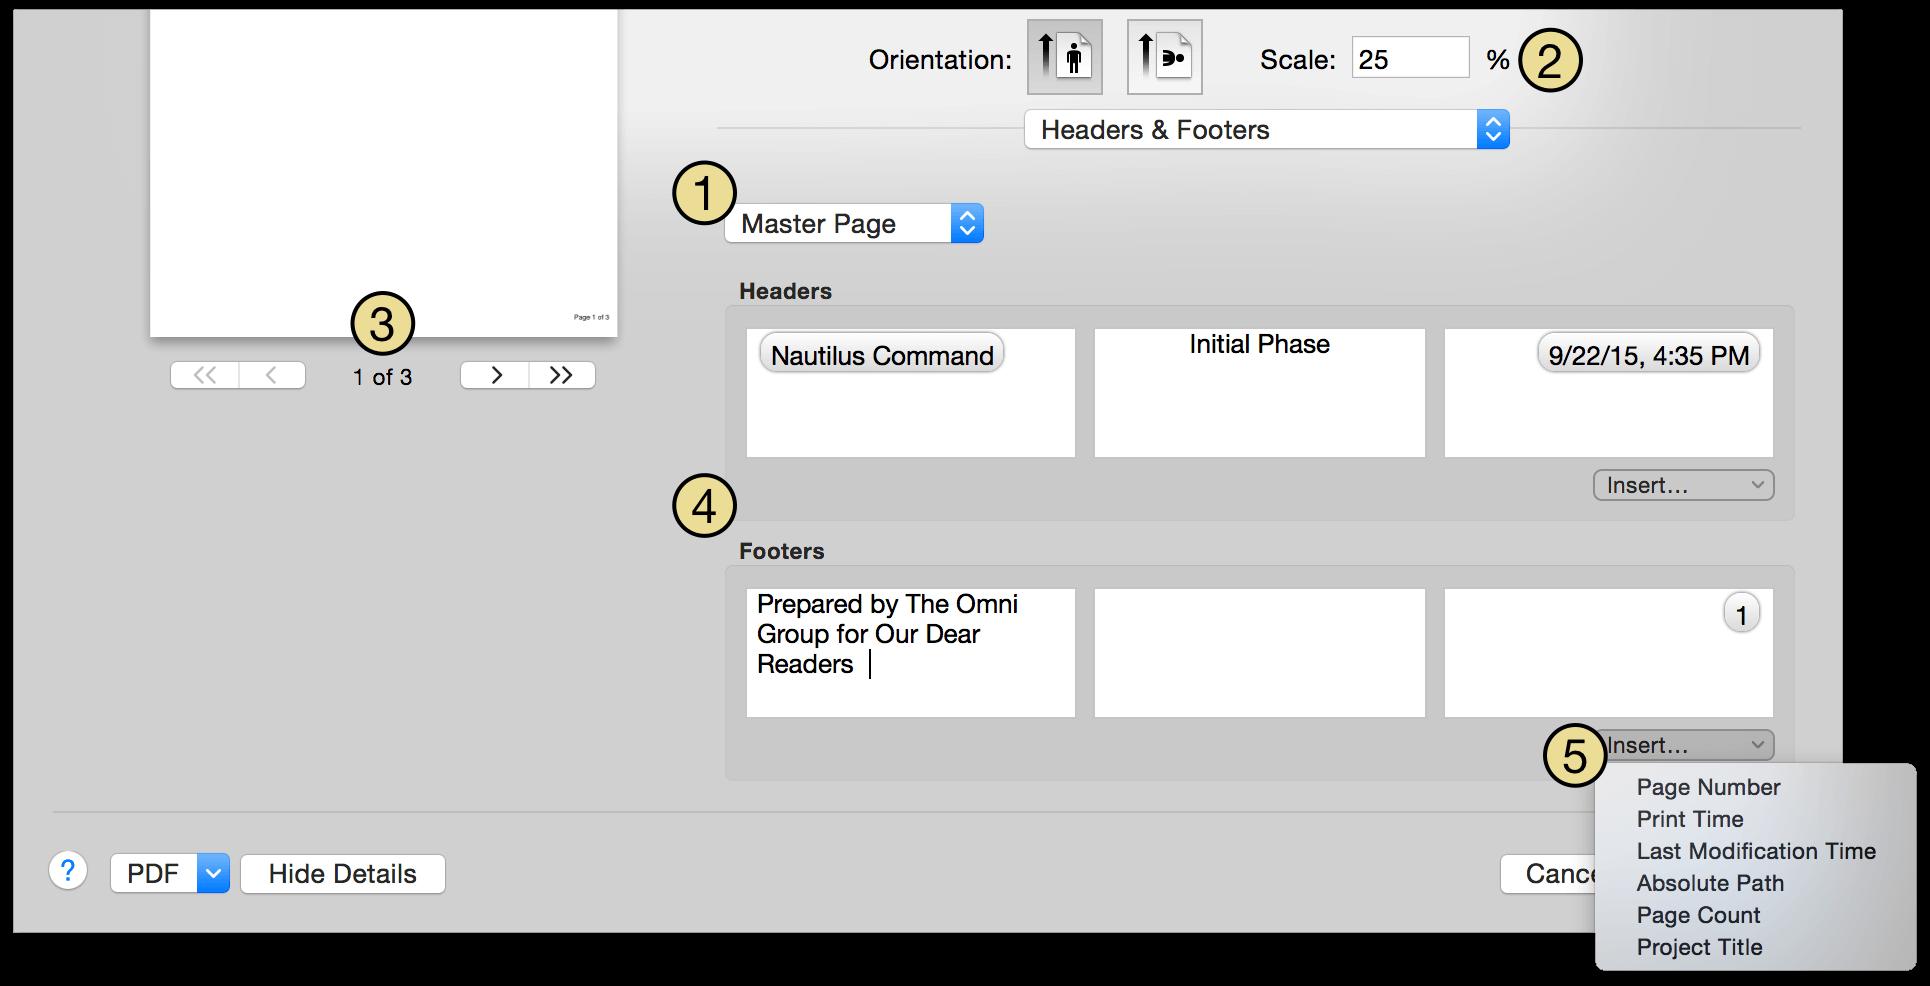 OmniPlan 3 for Mac User Manual - Reporting and Printing